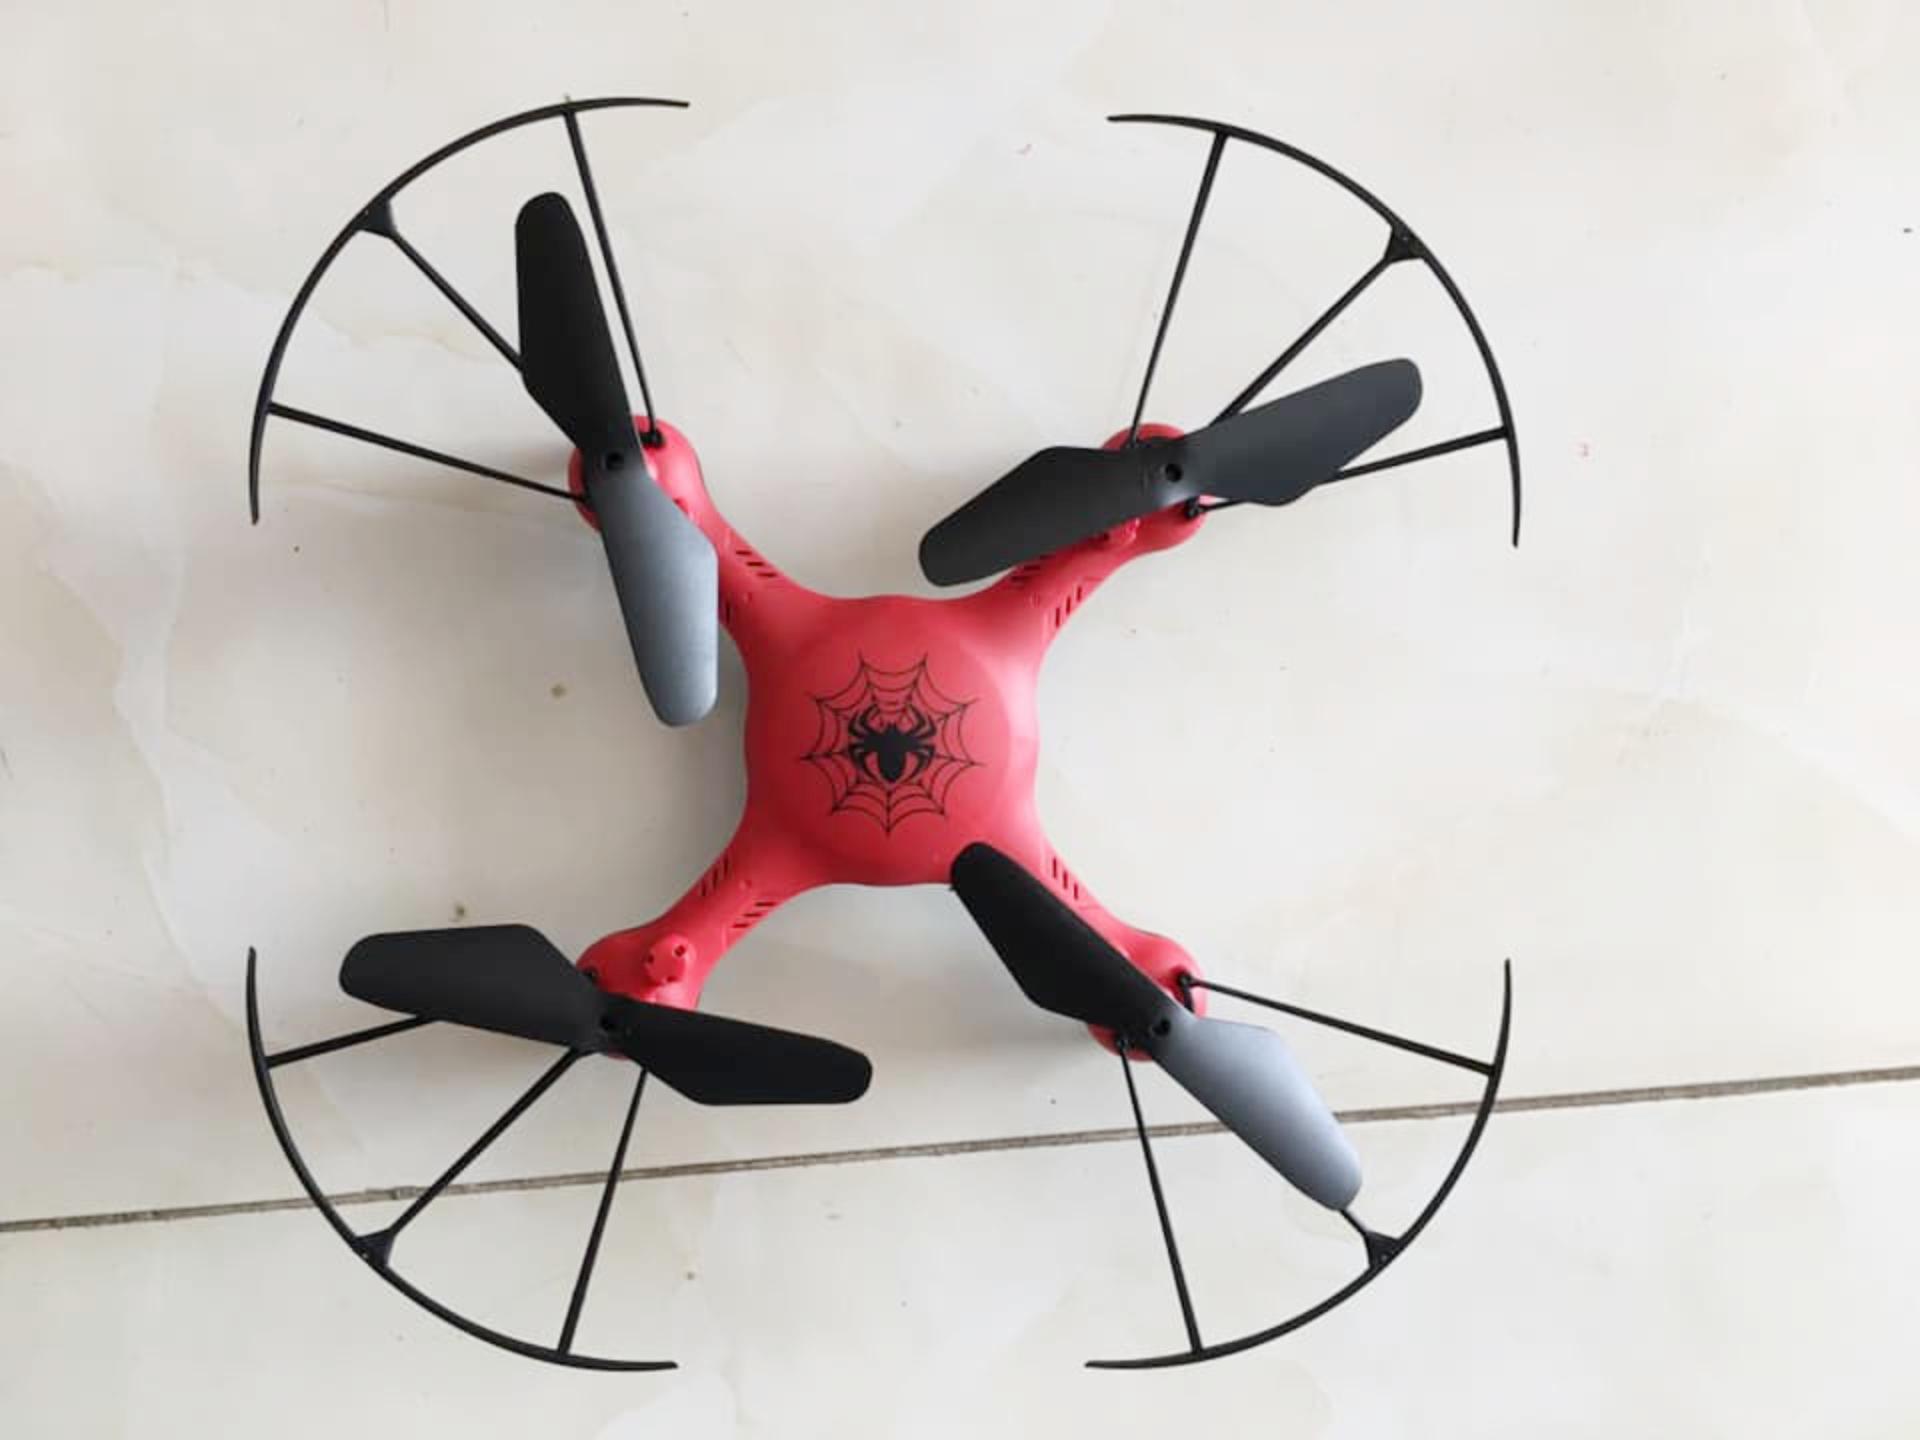 CHỌN LOẠI DRONE NÀO THÍCH HỢP CHO TRẺ NHỎ 2